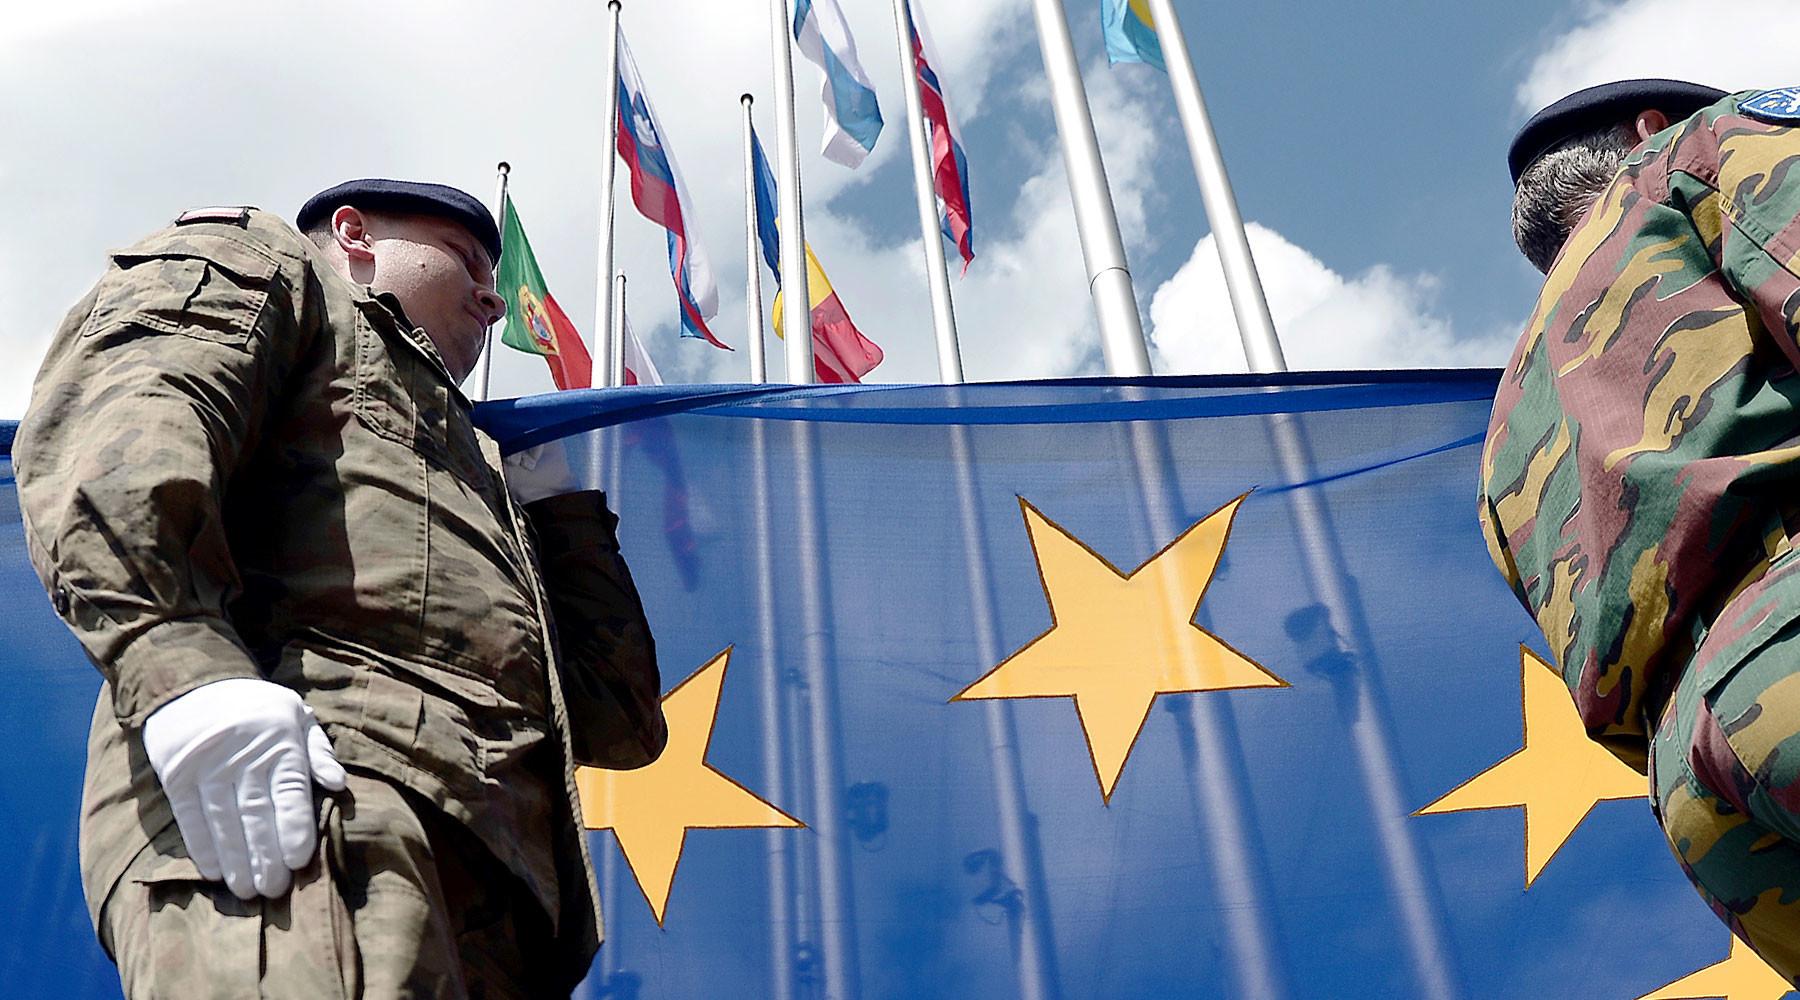 в Европейском парламенте предложили создать новую структуру для обороны ЕС »